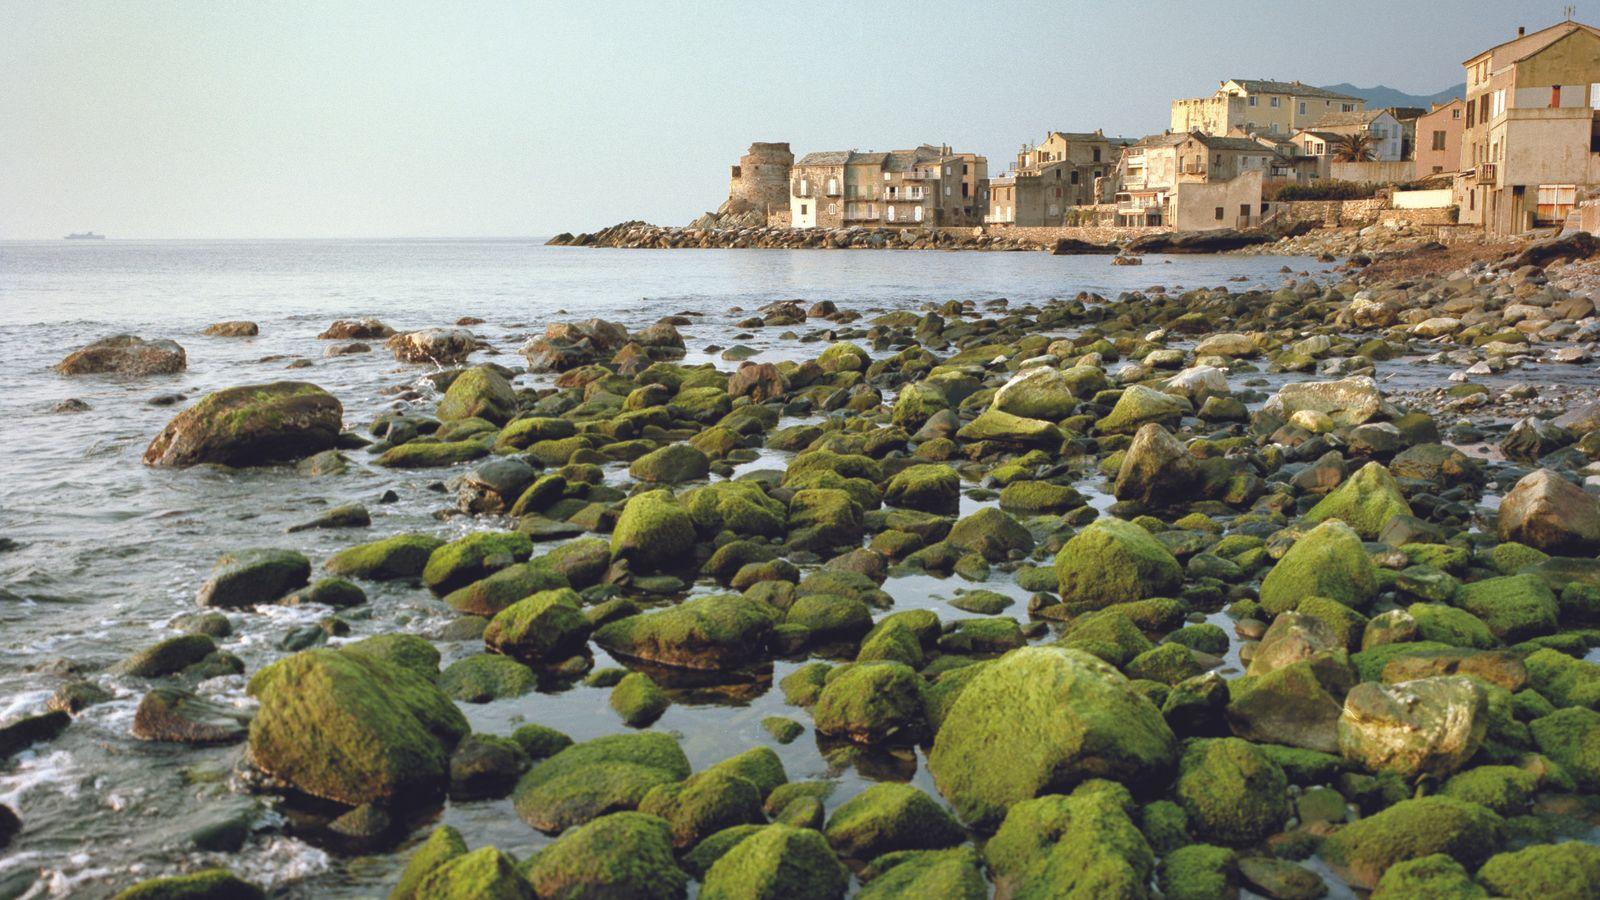 À Erbalunga, authentique village de pêcheurs du cap Corse, la vie s'écoule au rythme d'un adagio.